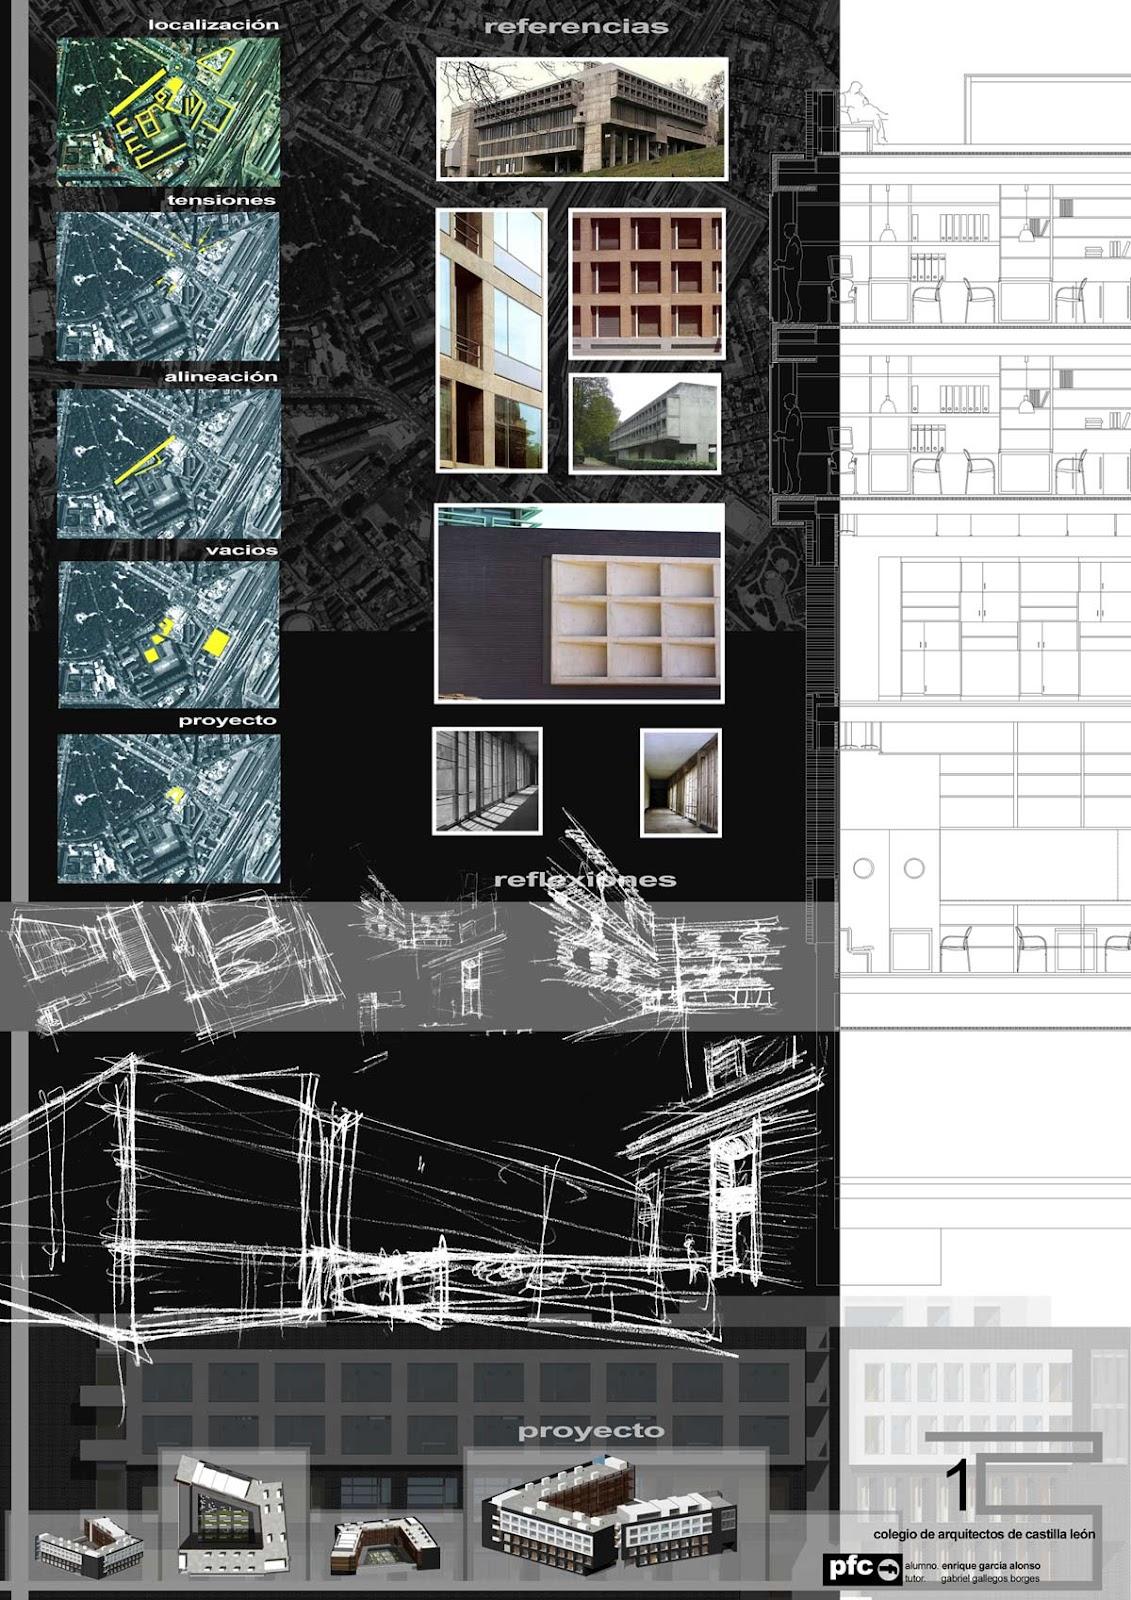 Proyectos de fin de carrera de arquitectura infograf a y dise o 3a estudio - Colegio arquitectos bilbao ...